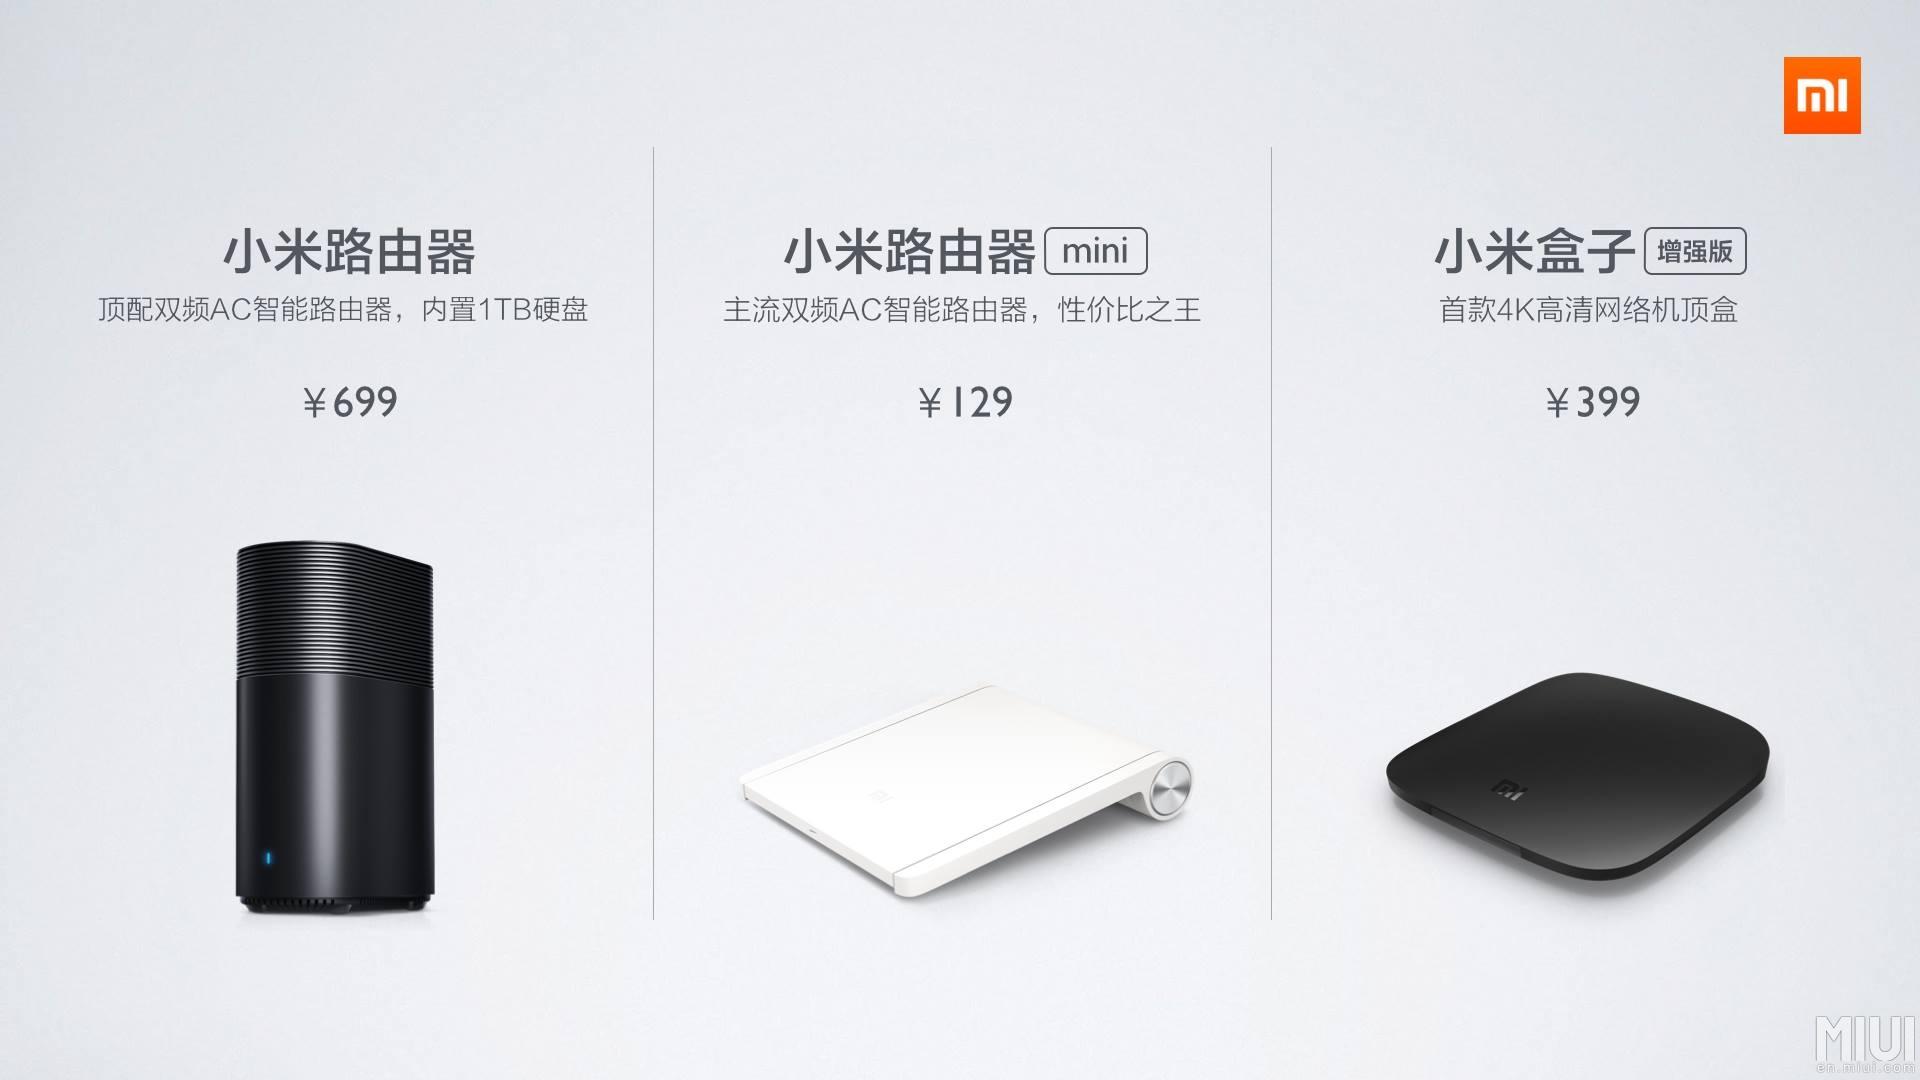 Xiaomi dévoile ses routeurs WiFi (MiRouter) et une nouvelle version de sa box HDMI (Mi Box)